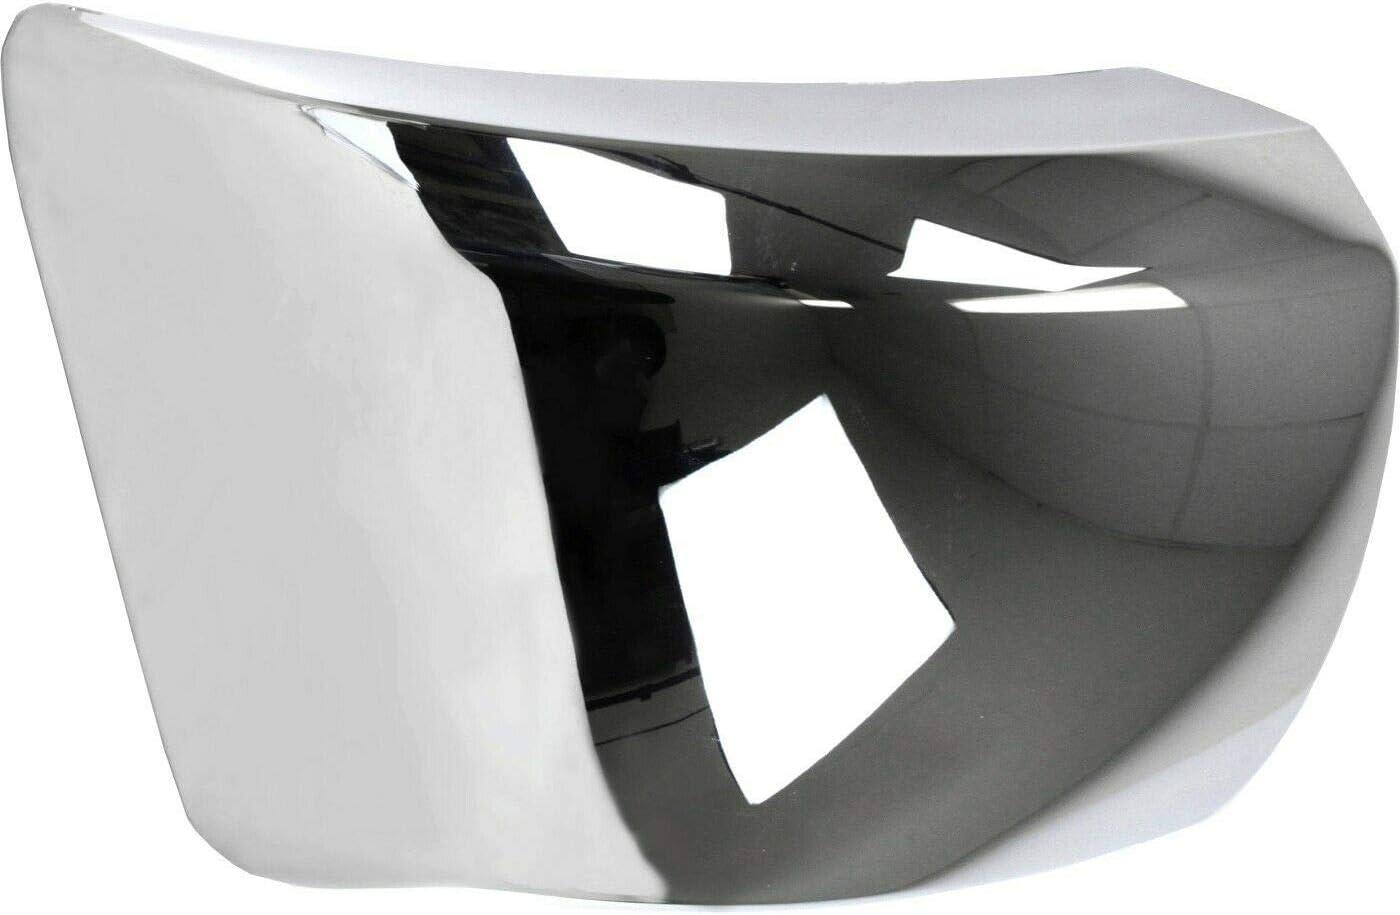 JUN Max Super Special SALE held 47% OFF Bumper End Cap Compatible 2012-13 1500 Silverado Front with